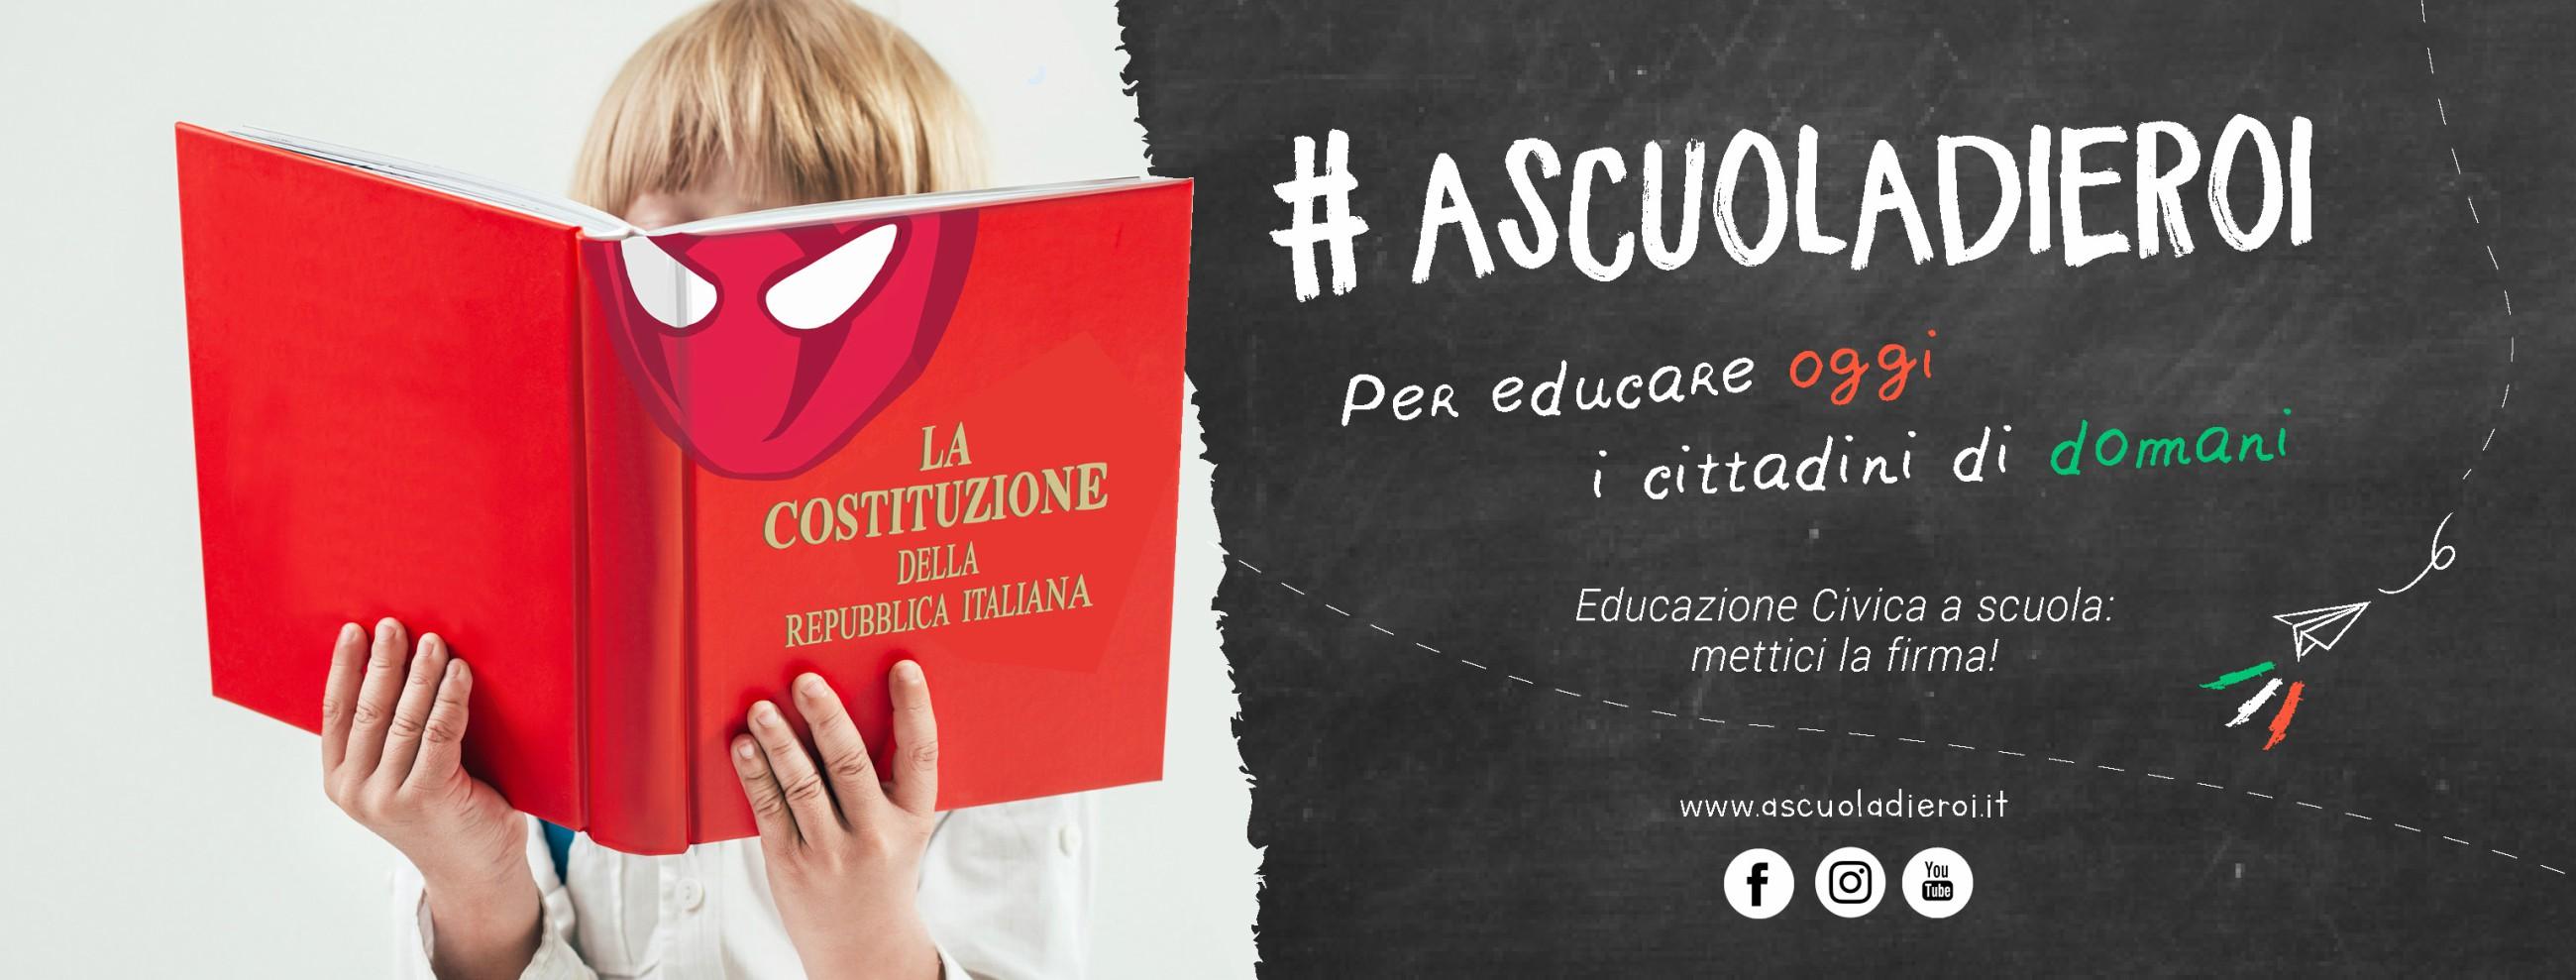 #ASCUOLADIEROI: AVVISO PUBBLICO SOSTIENE LA CAMPAGNA PER REINTRODURRE L'EDUCAZIONE CIVICA NELLE SCUOLE